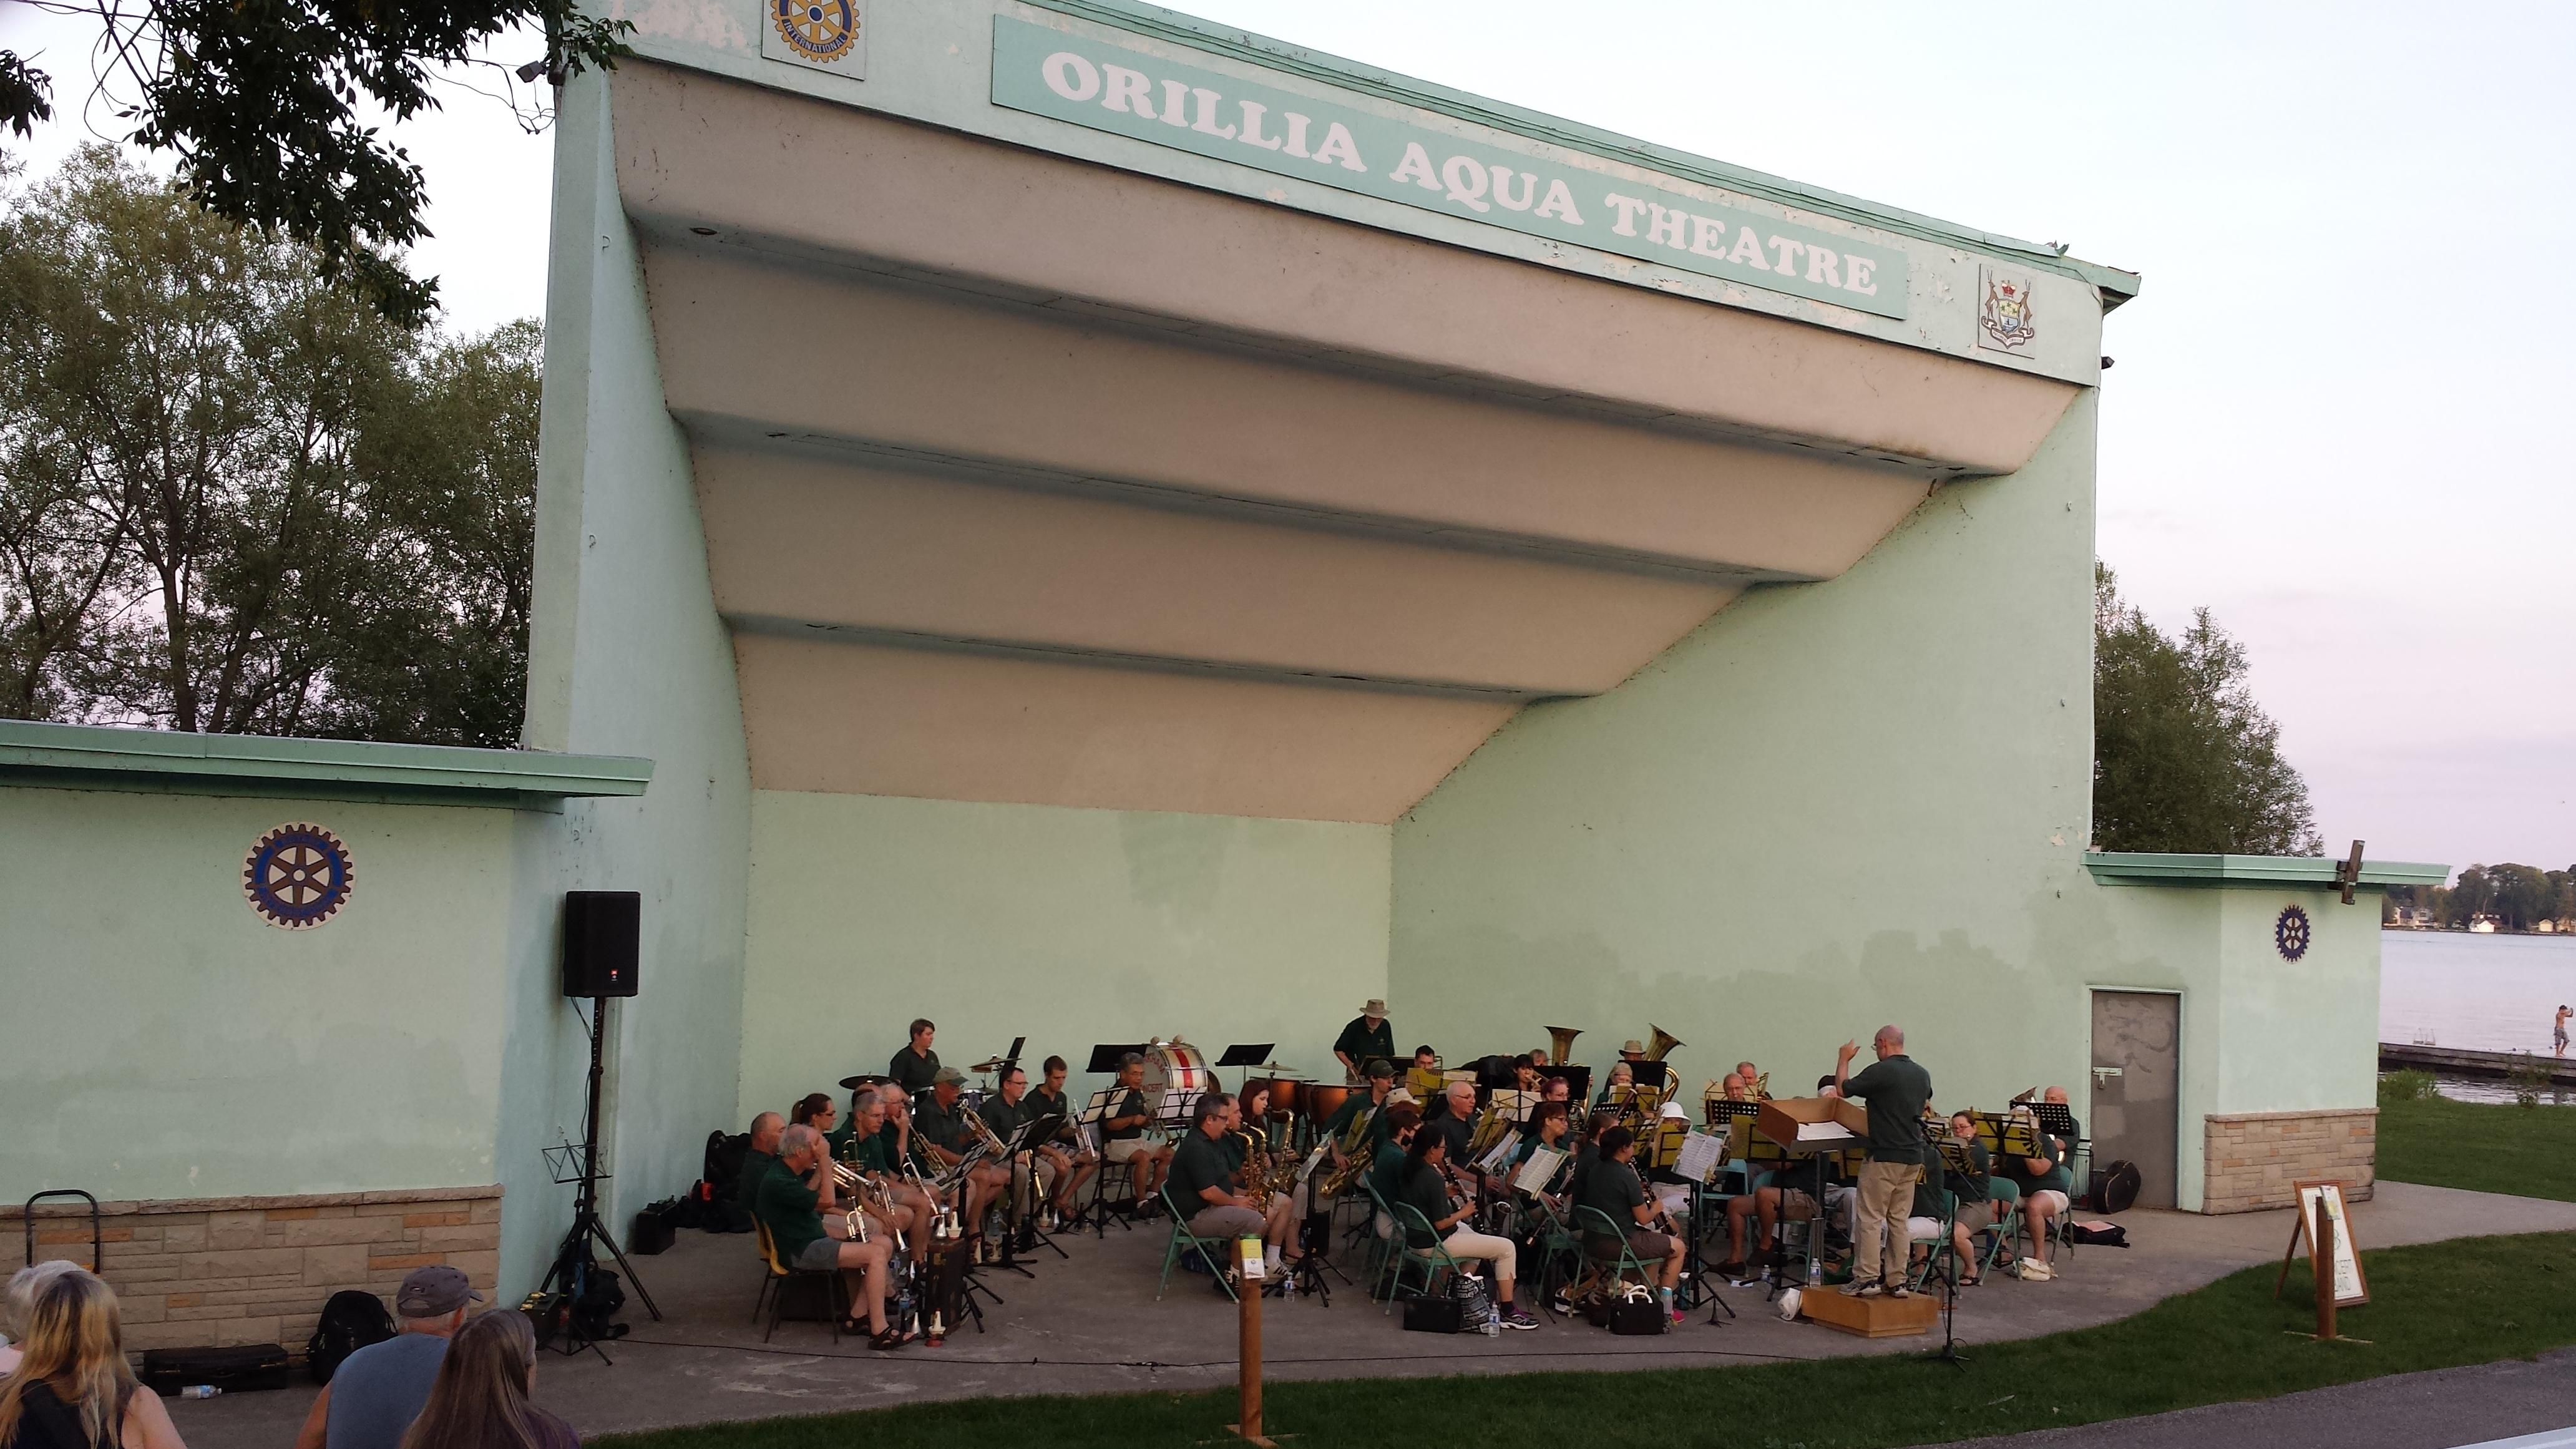 Orillia Aqua Theatre